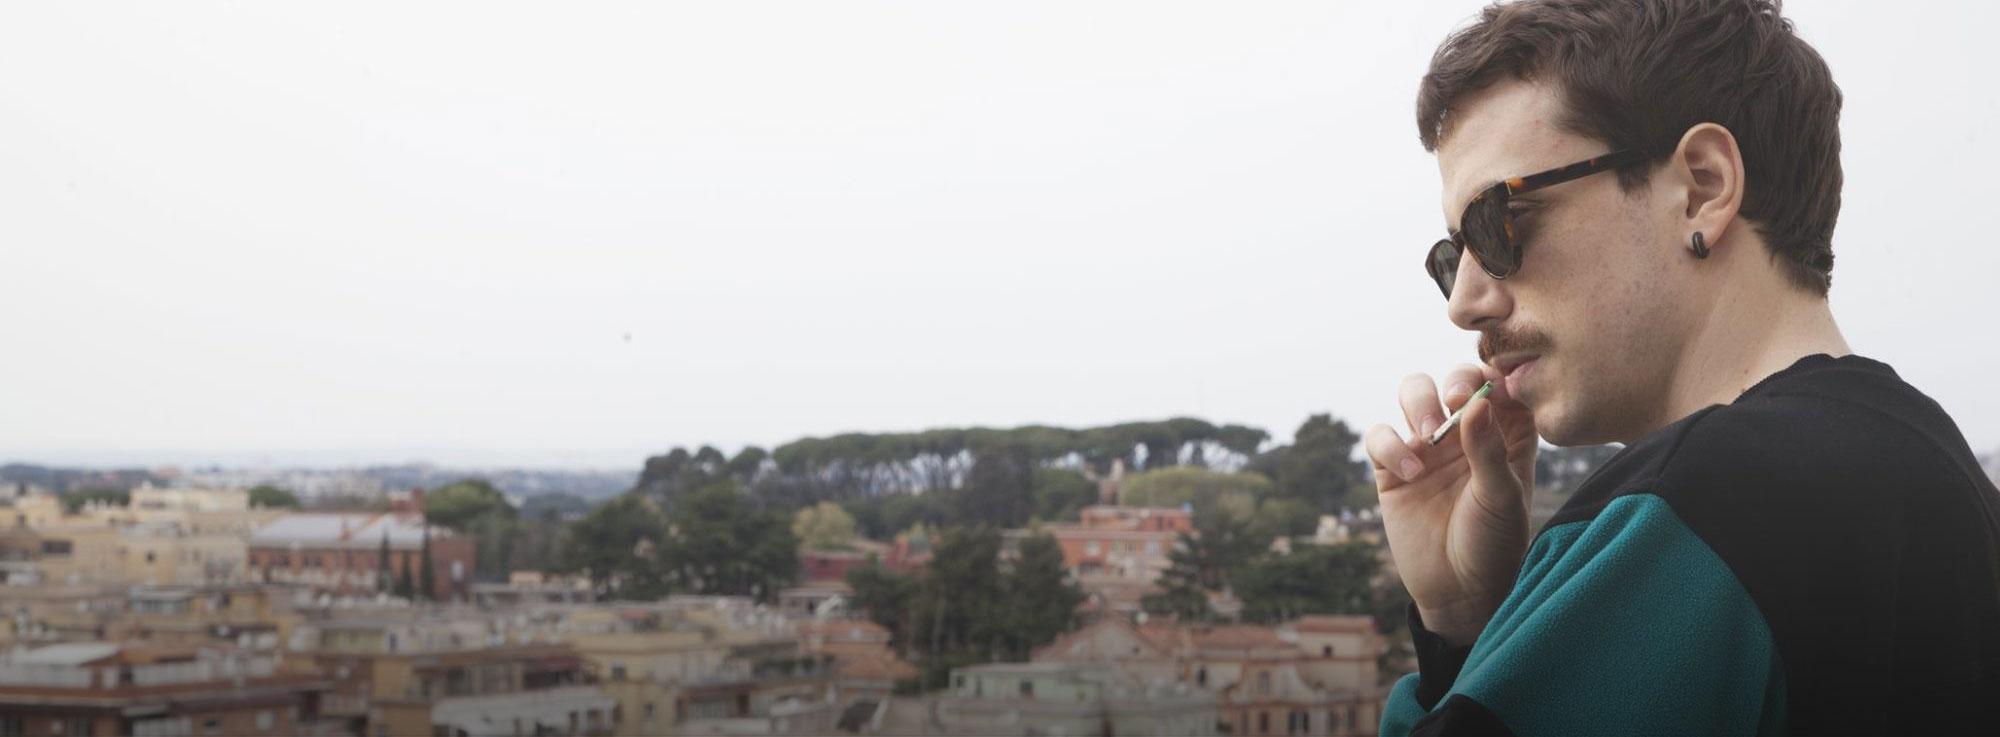 Serranova: Franco126 live